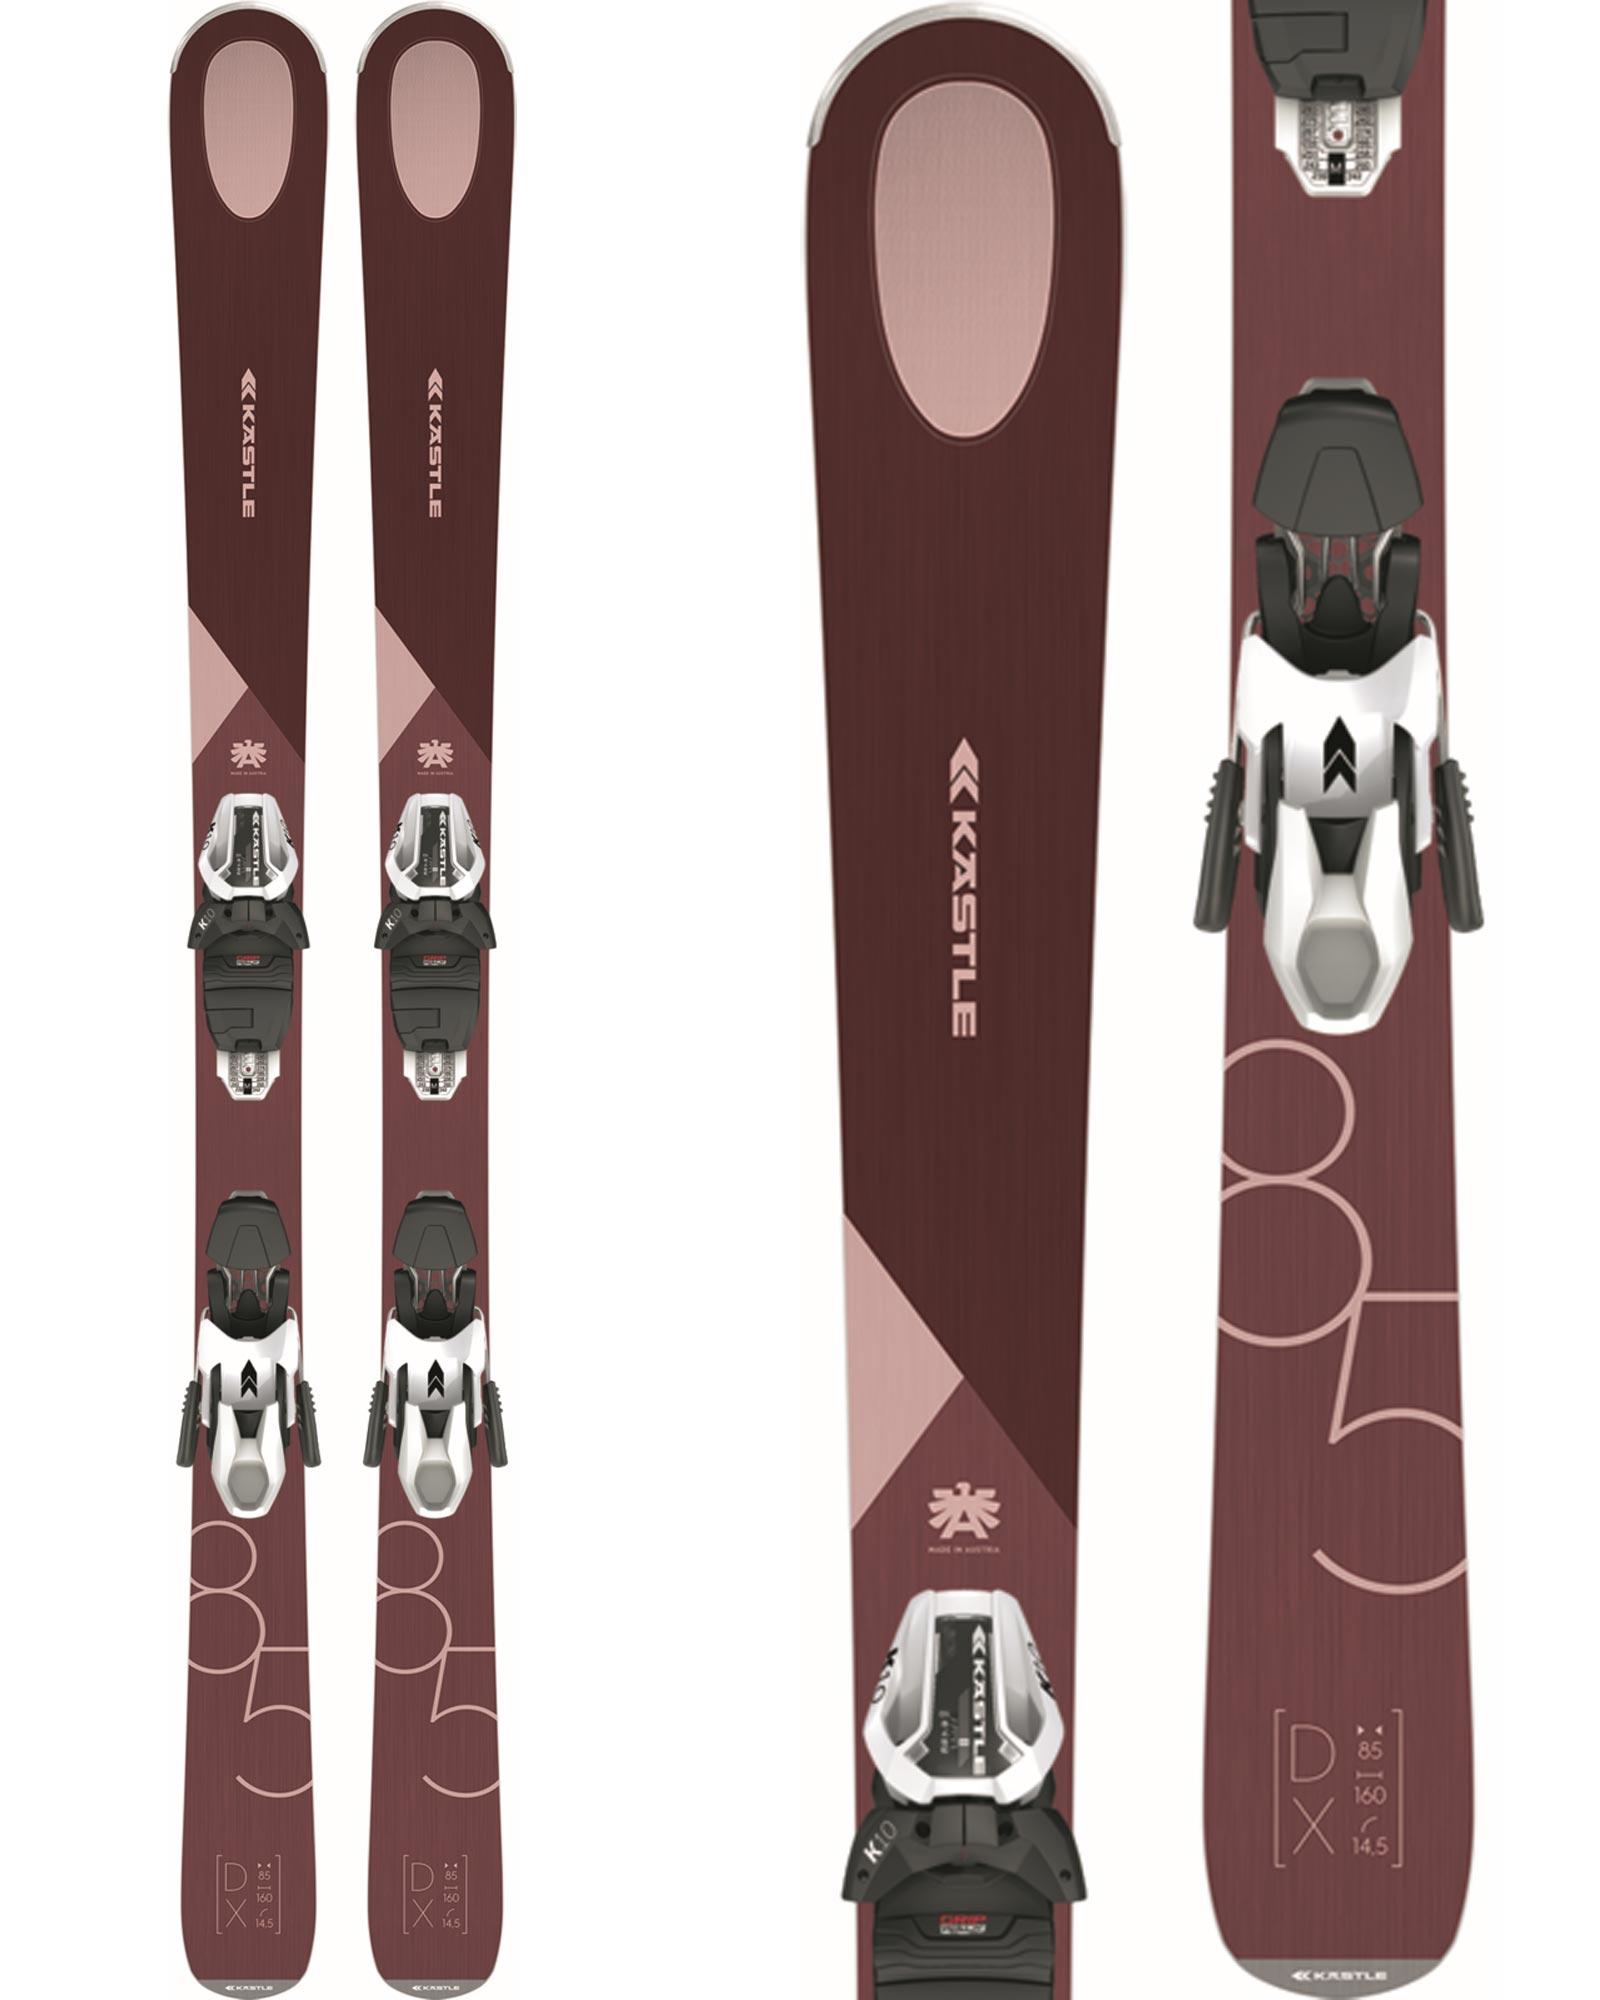 Kastle Women's DX85 All Mountain Skis + K10 SLR GW Bindings 2020 / 2021 0